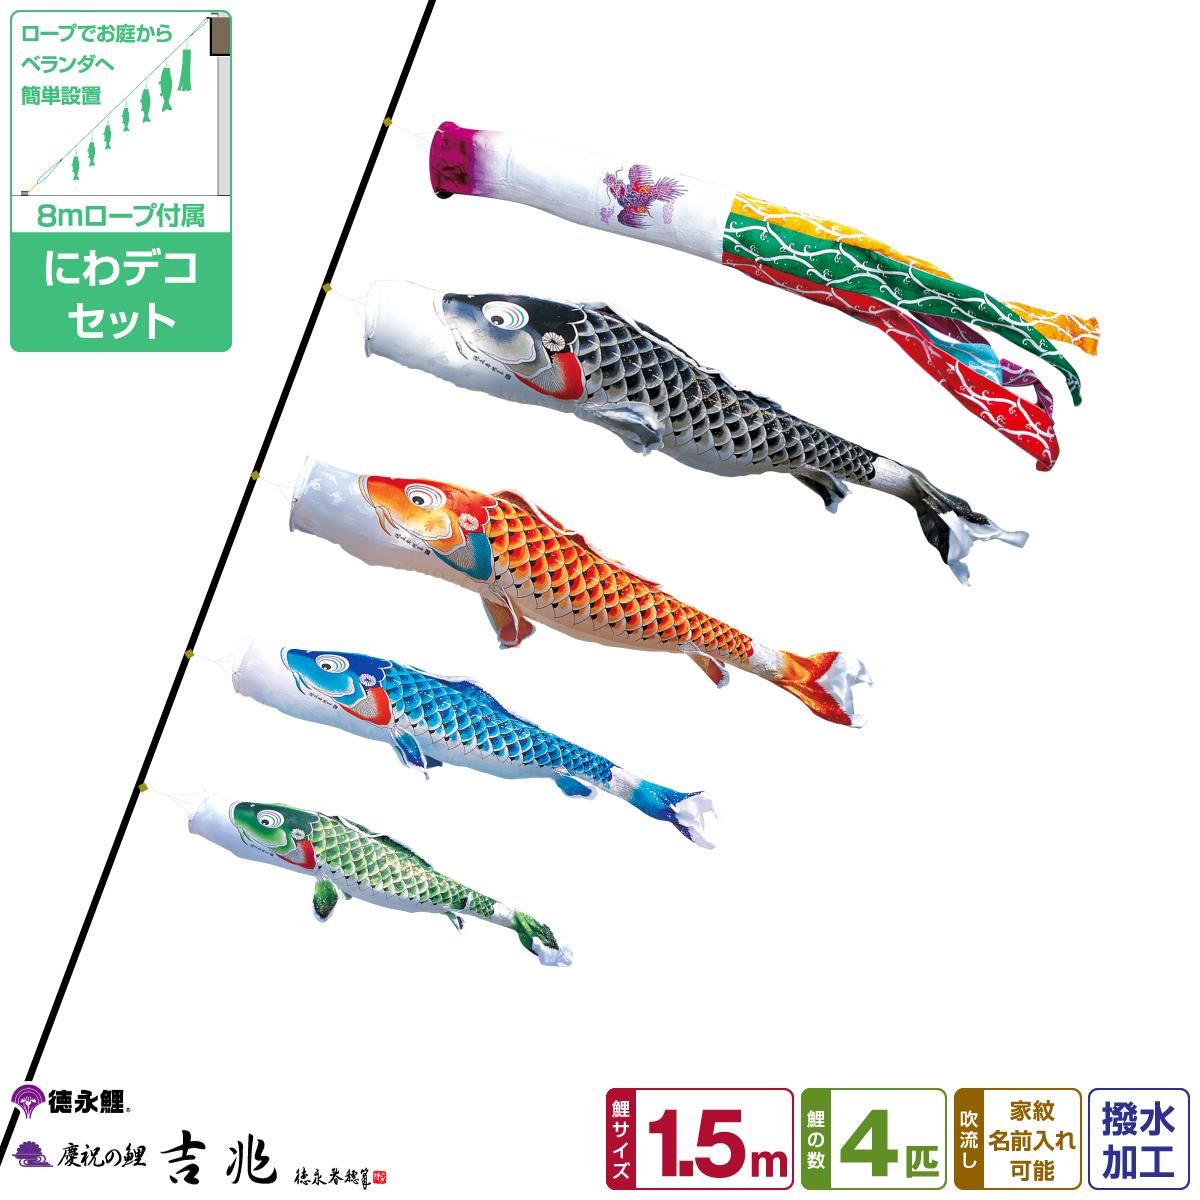 徳永鯉のぼり 吉兆鯉 1.5m 7点セット にわデコセット 2019年初節句 端午の節句 こどもの日 こいのぼり